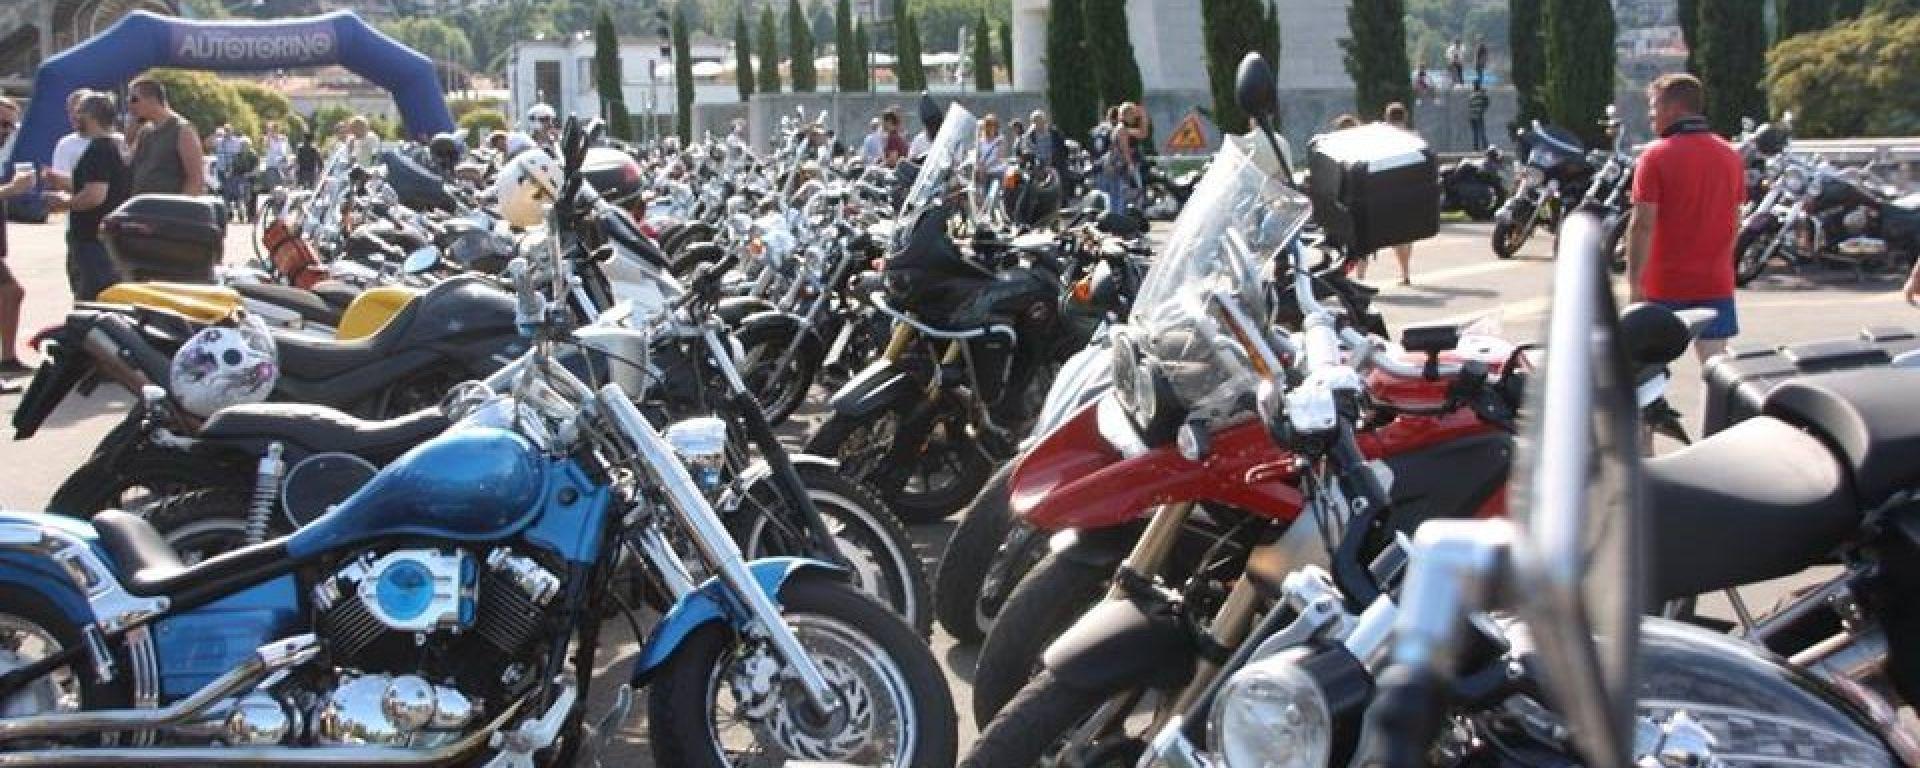 Festa del motociclista